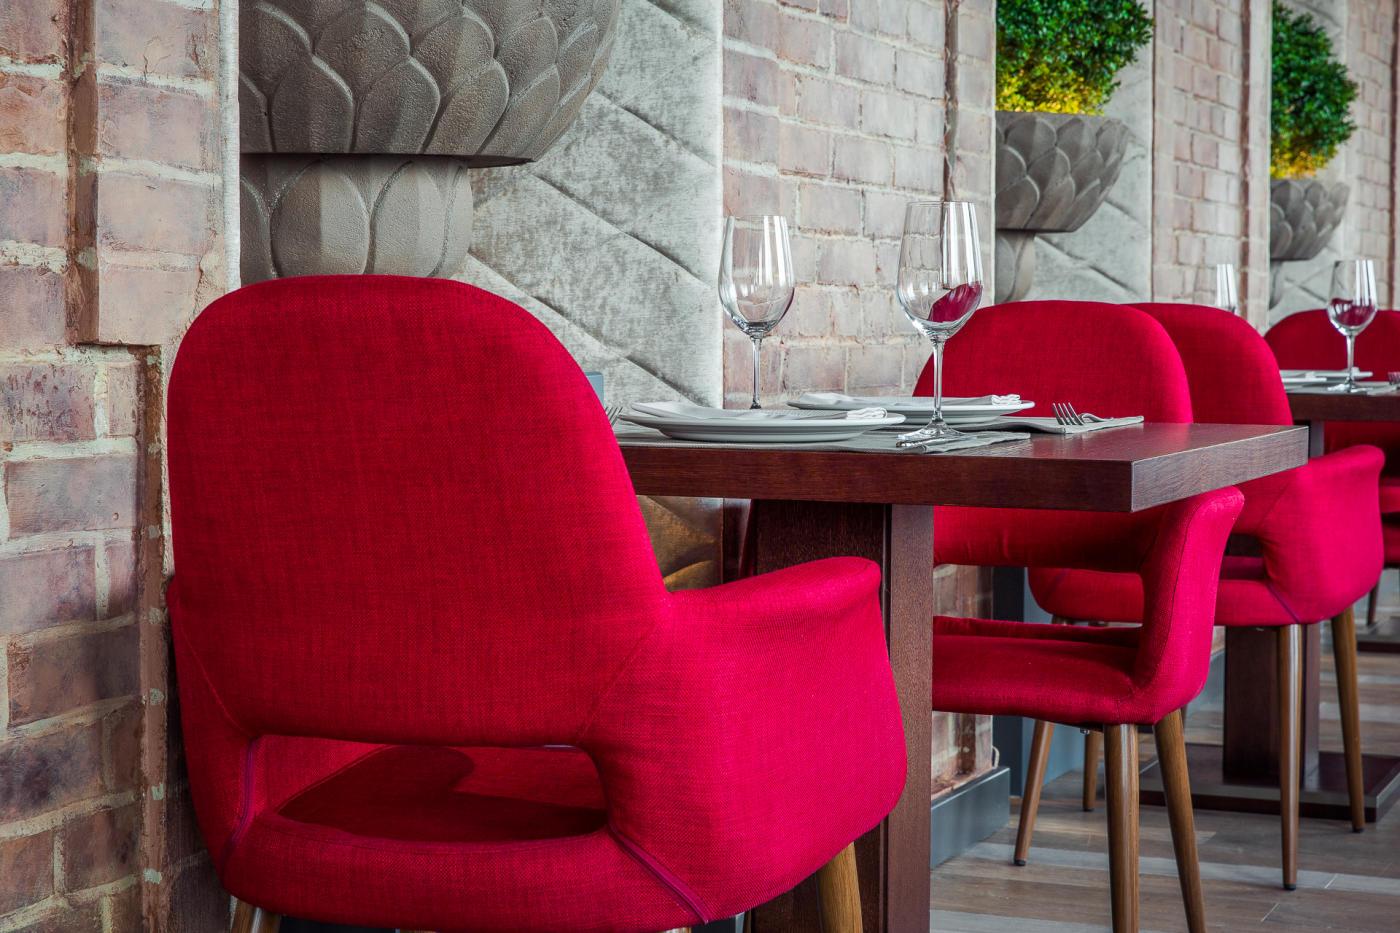 Панорамный Ресторан Трамплин на Воробьевых Горах фото 22